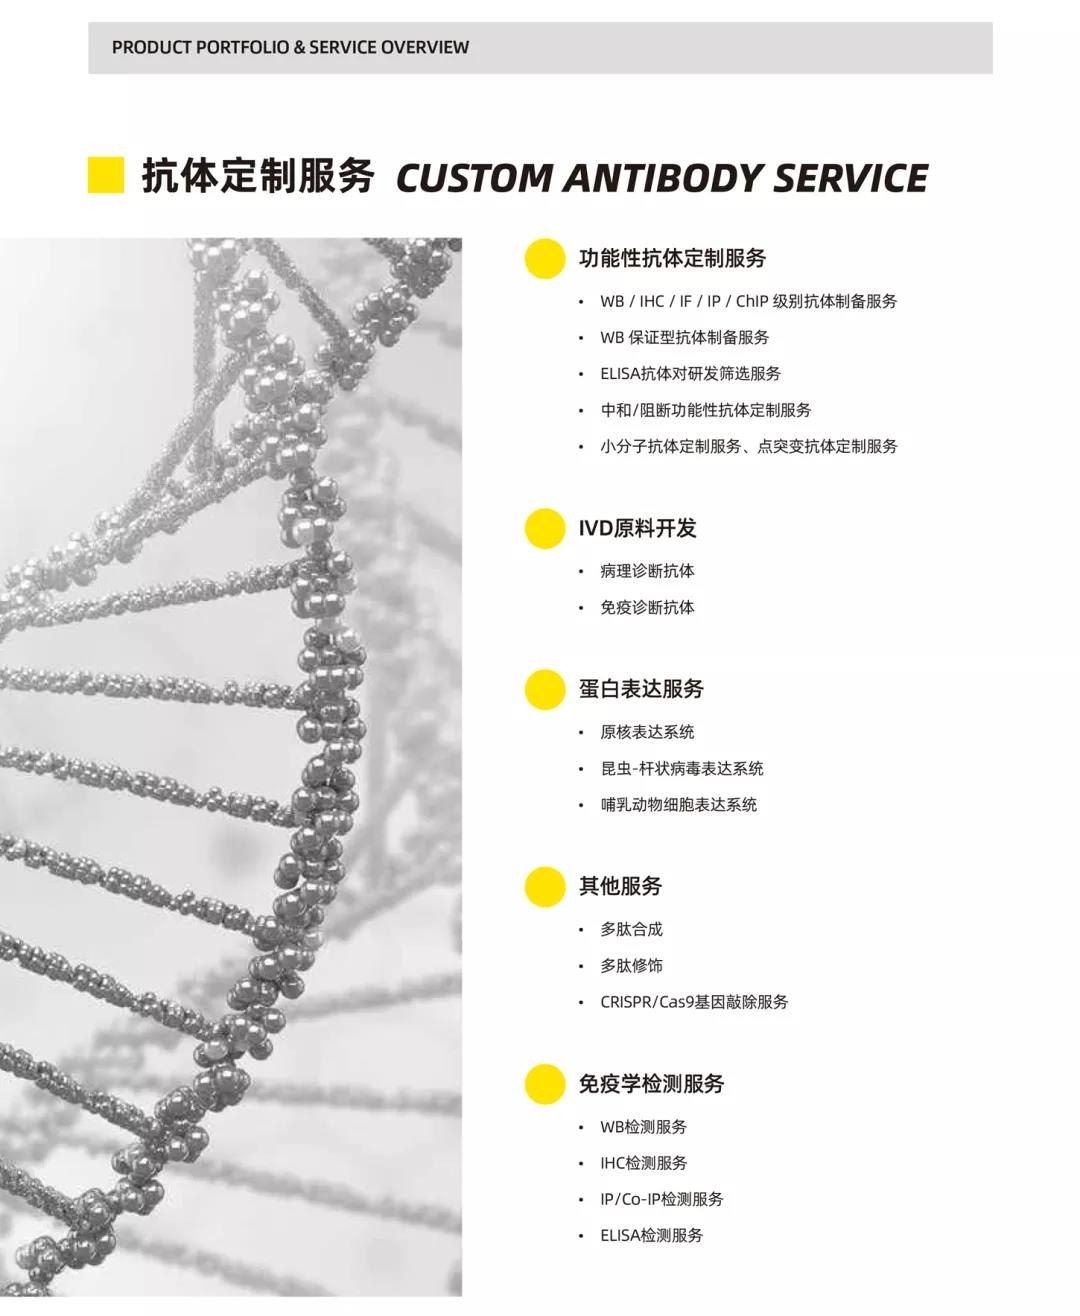 《活动 | 秋季开学嘉年华--抗体定制服务篇》